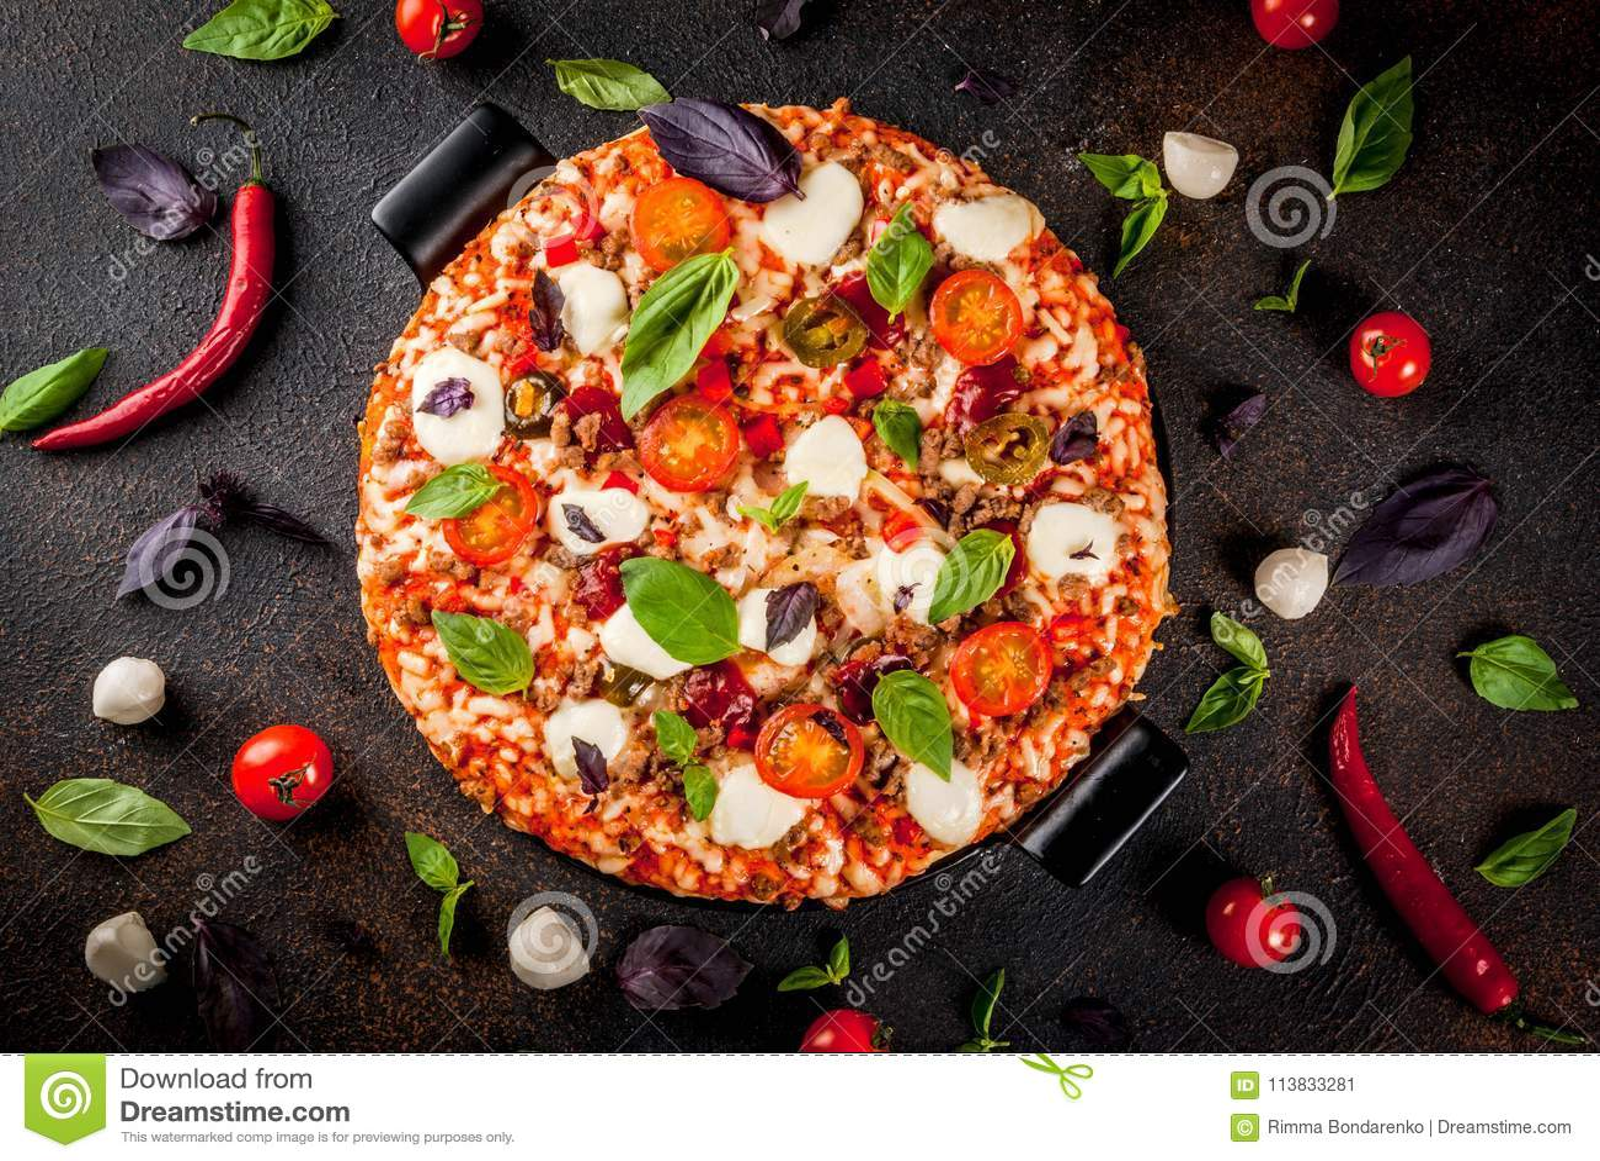 Włoska pizza z składnikami